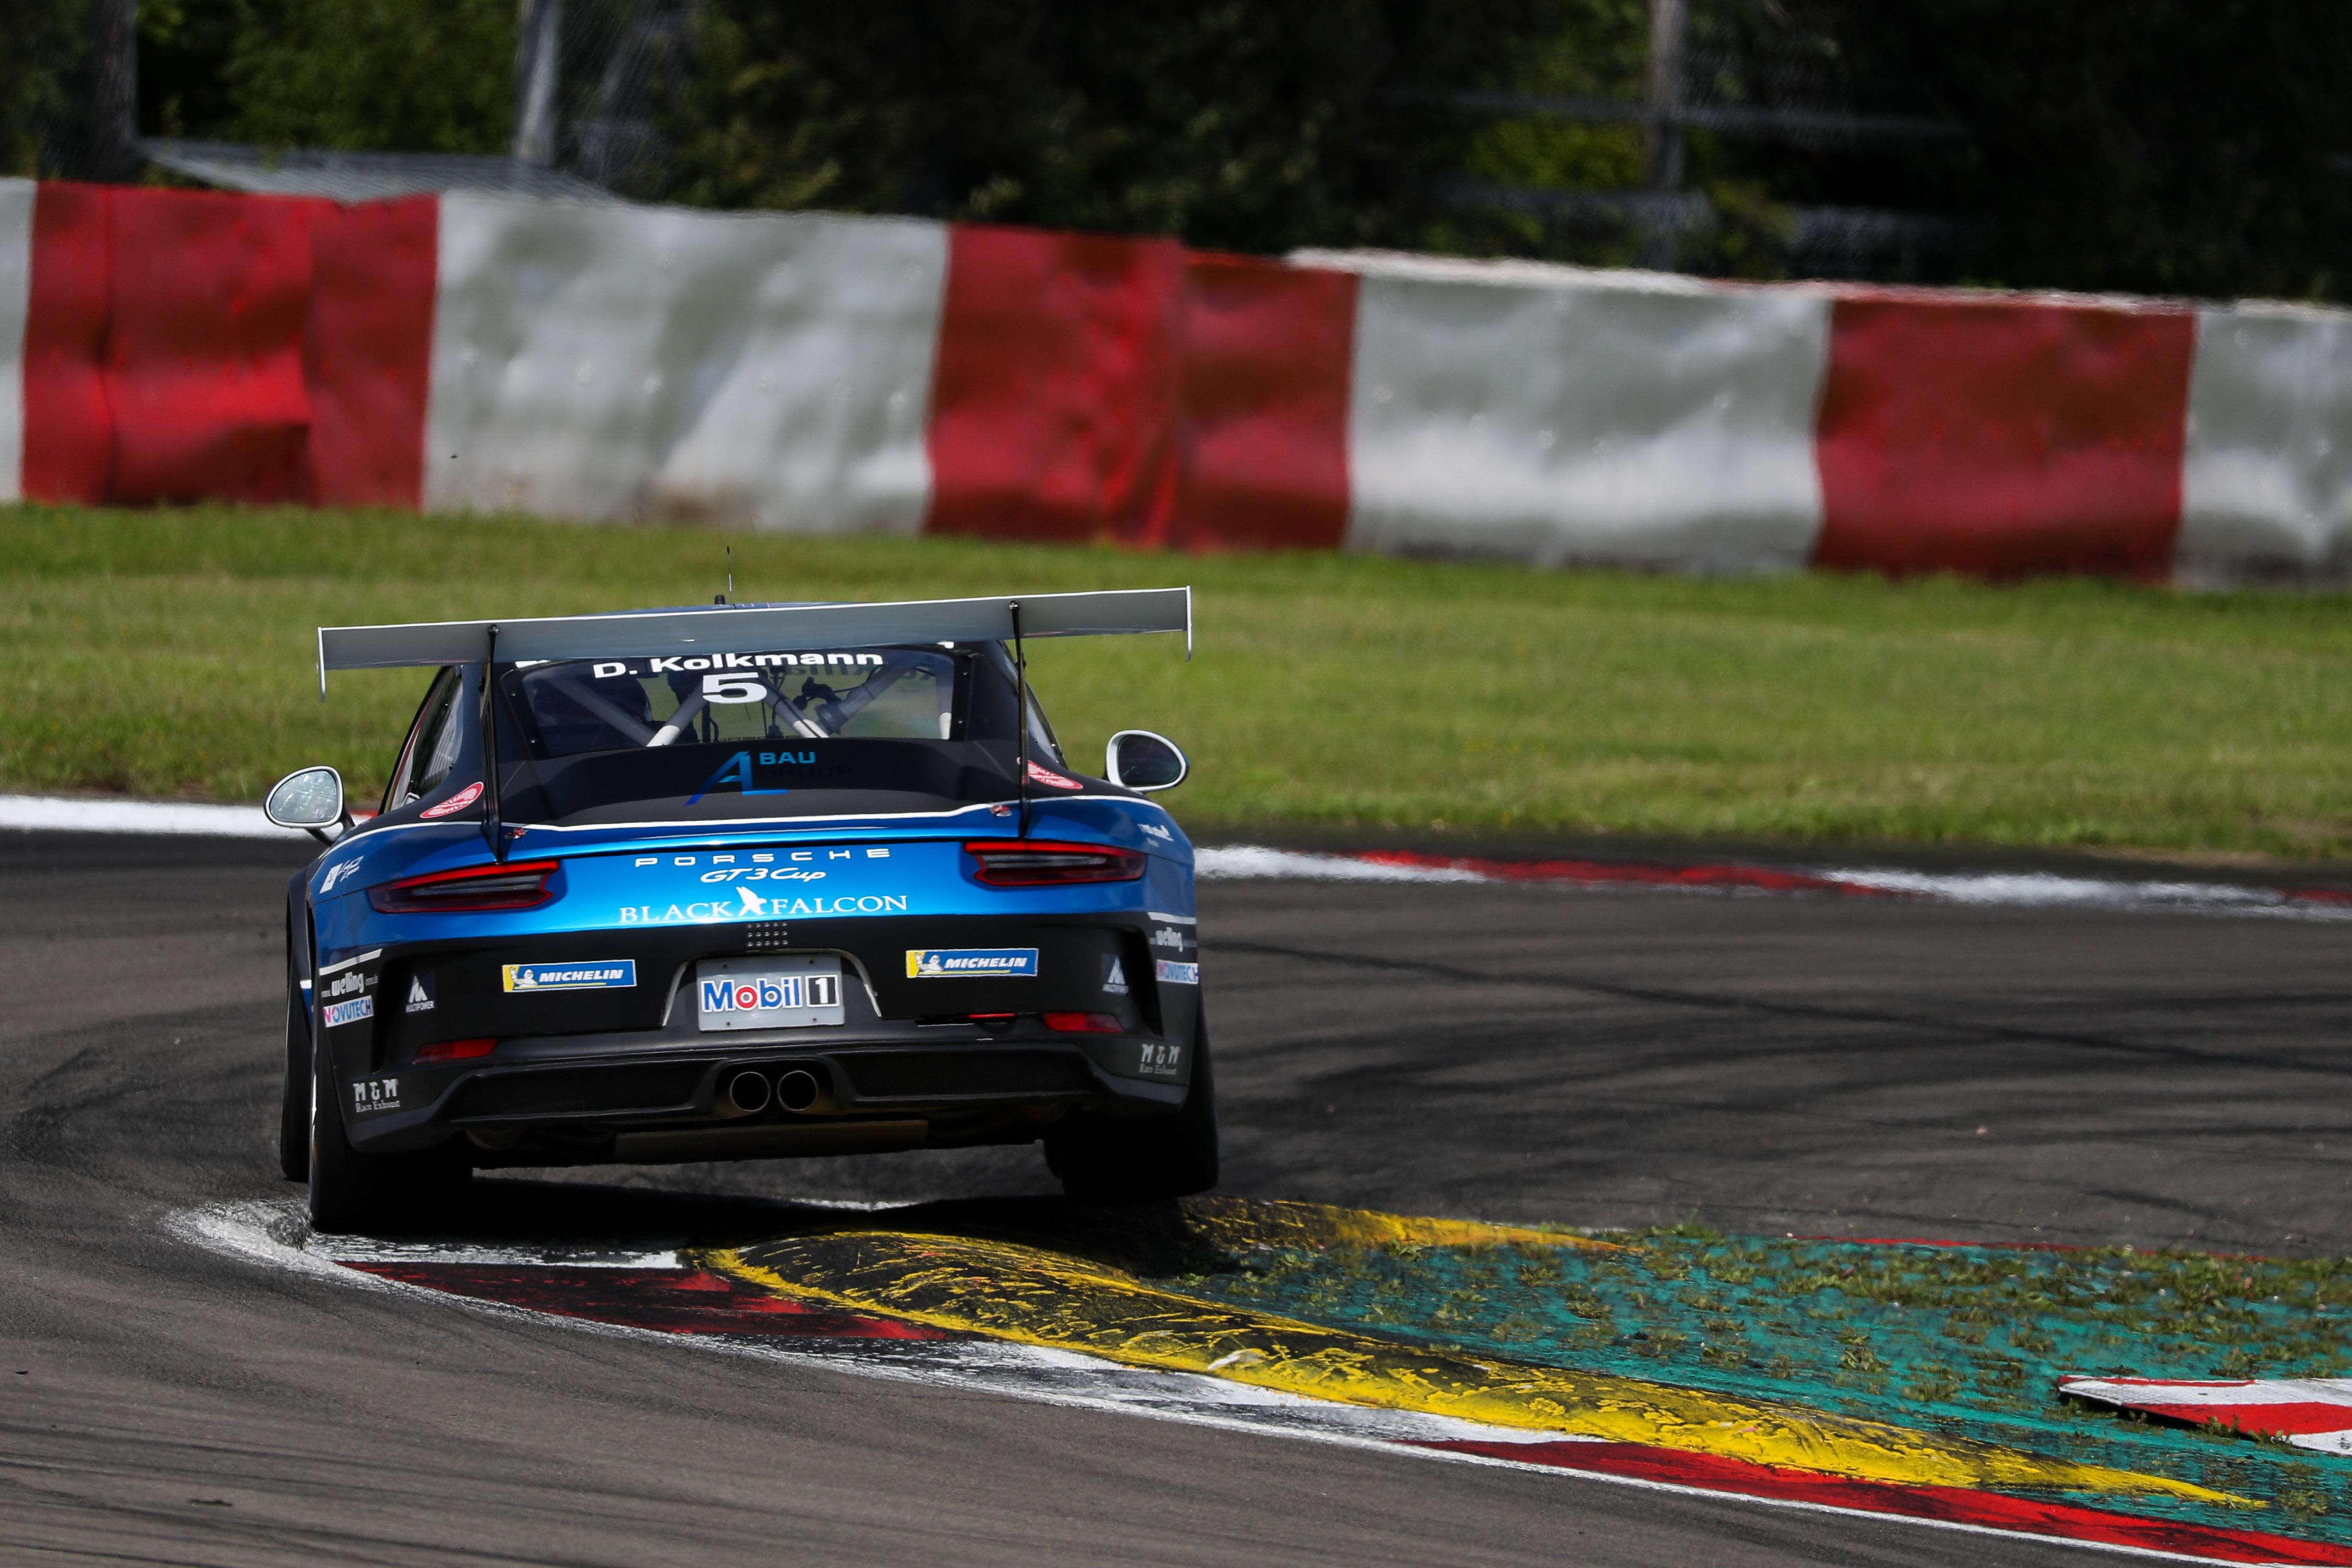 Porsche Carrera Cup Deutschland, 11. + 12. Lauf, Nürburgring 2019 - Foto: Gruppe C Photography; #5 Porsche 911 GT3 Cup, BLACK FALCON: David Kolkmann